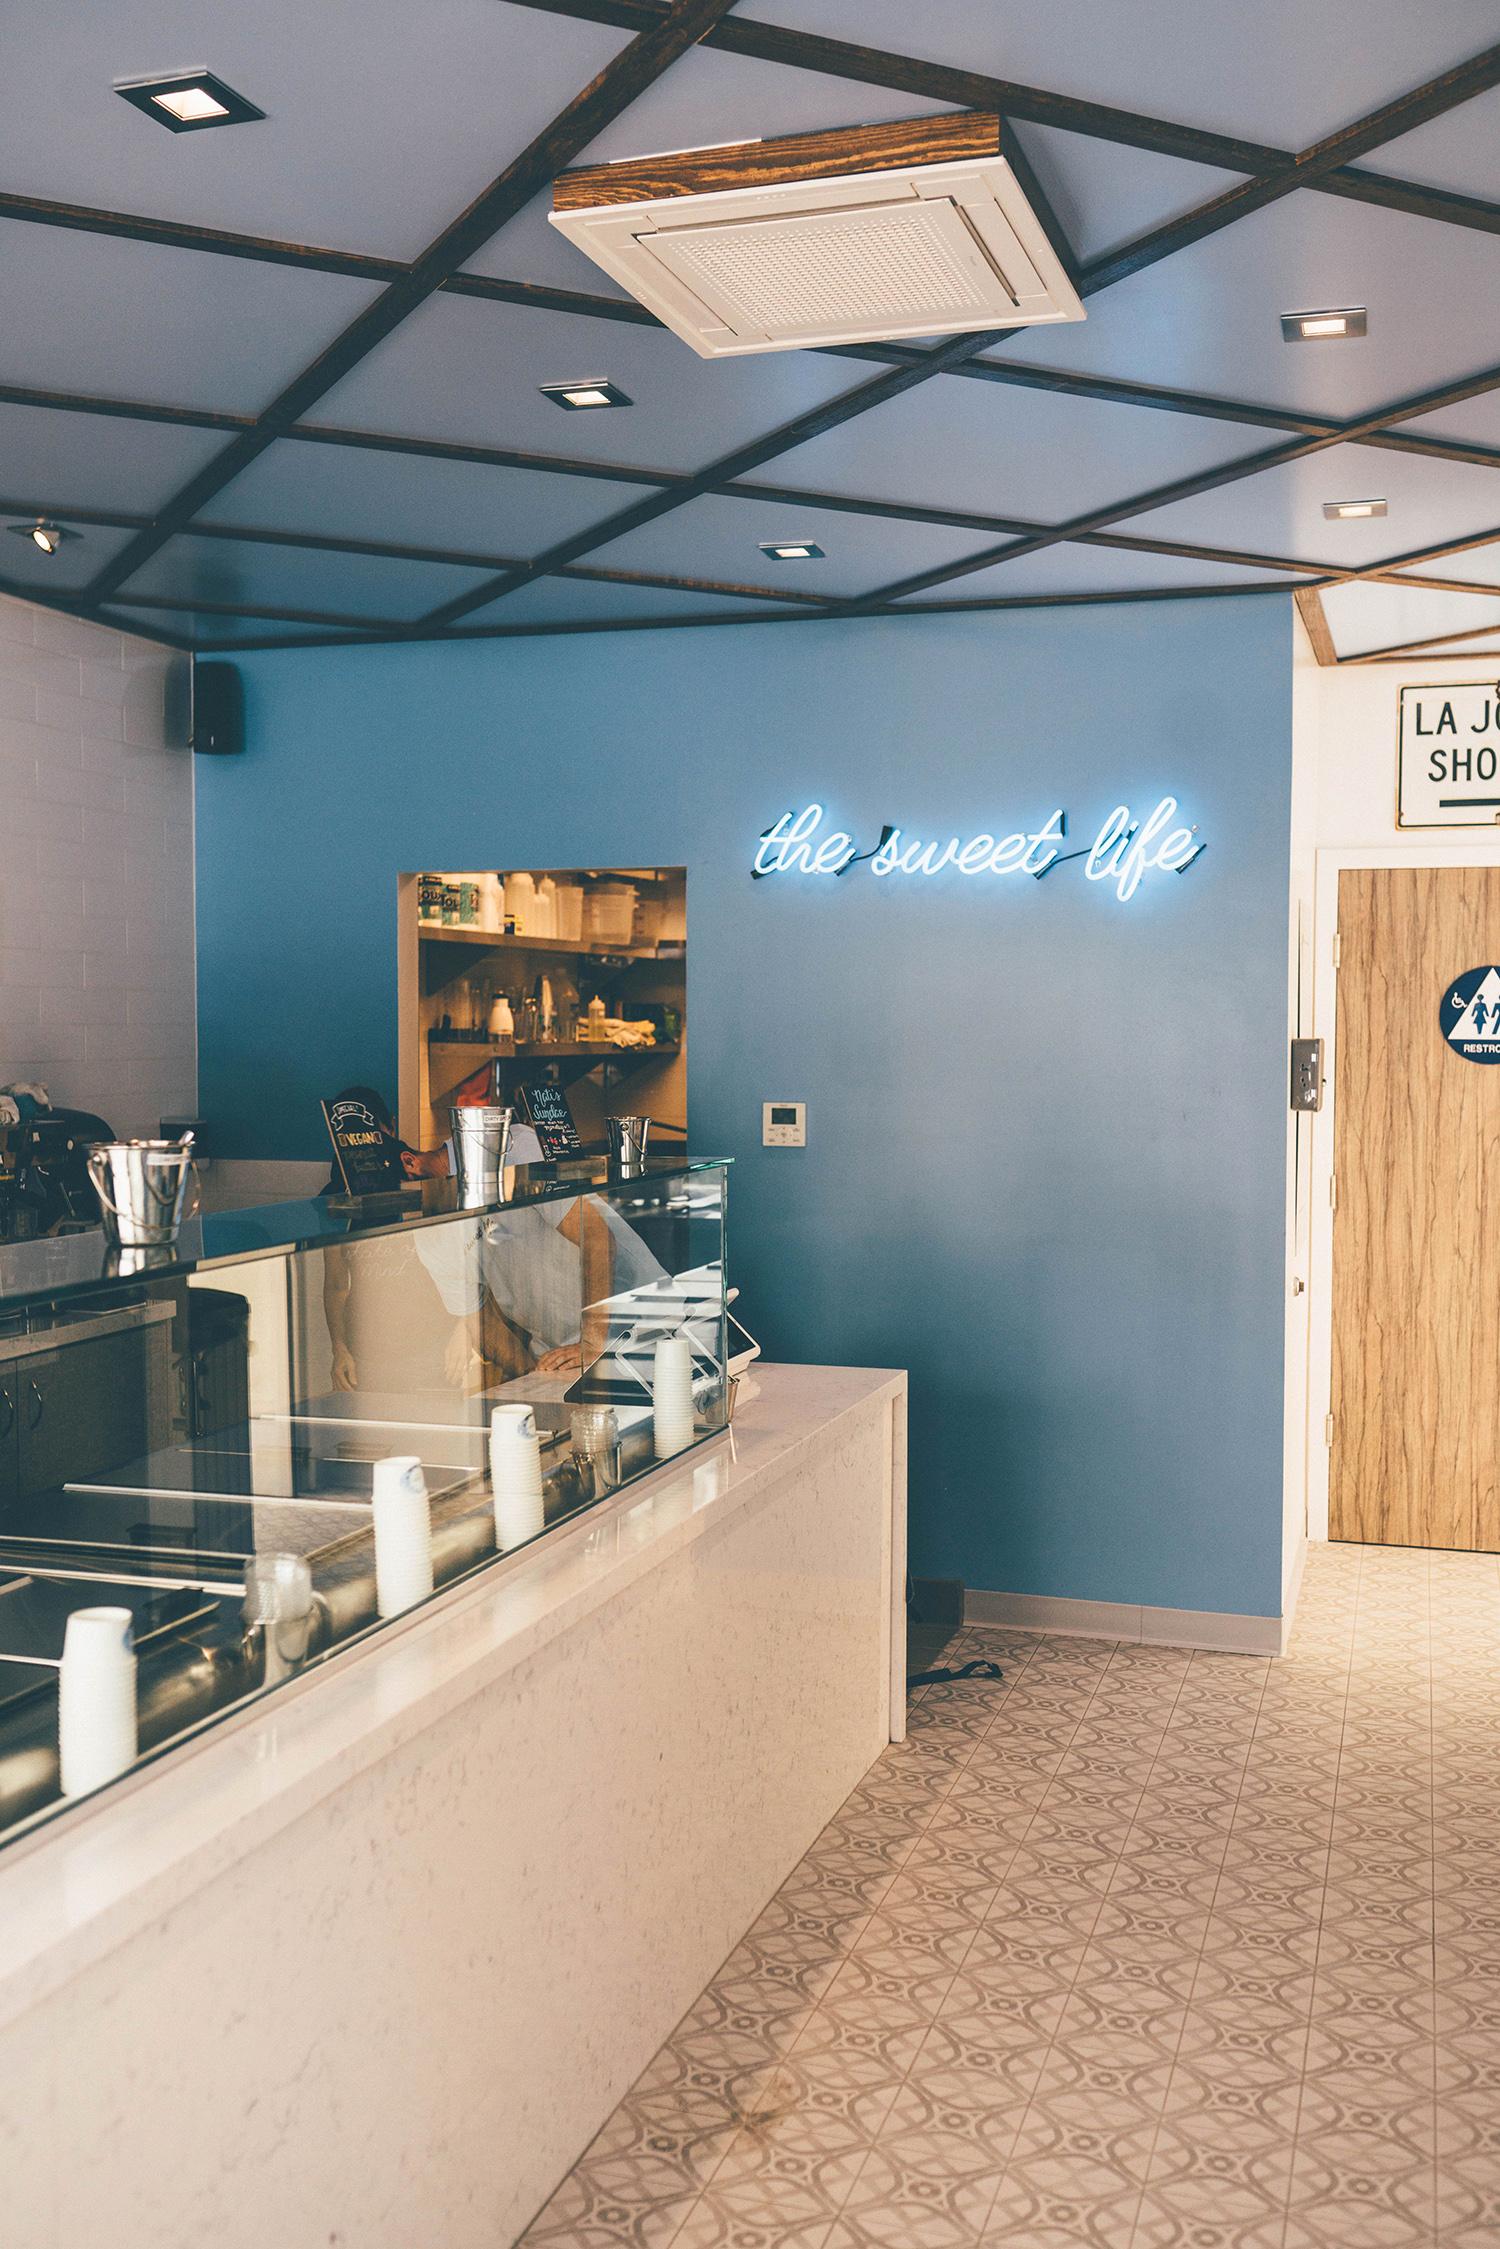 Ice-cream shop design